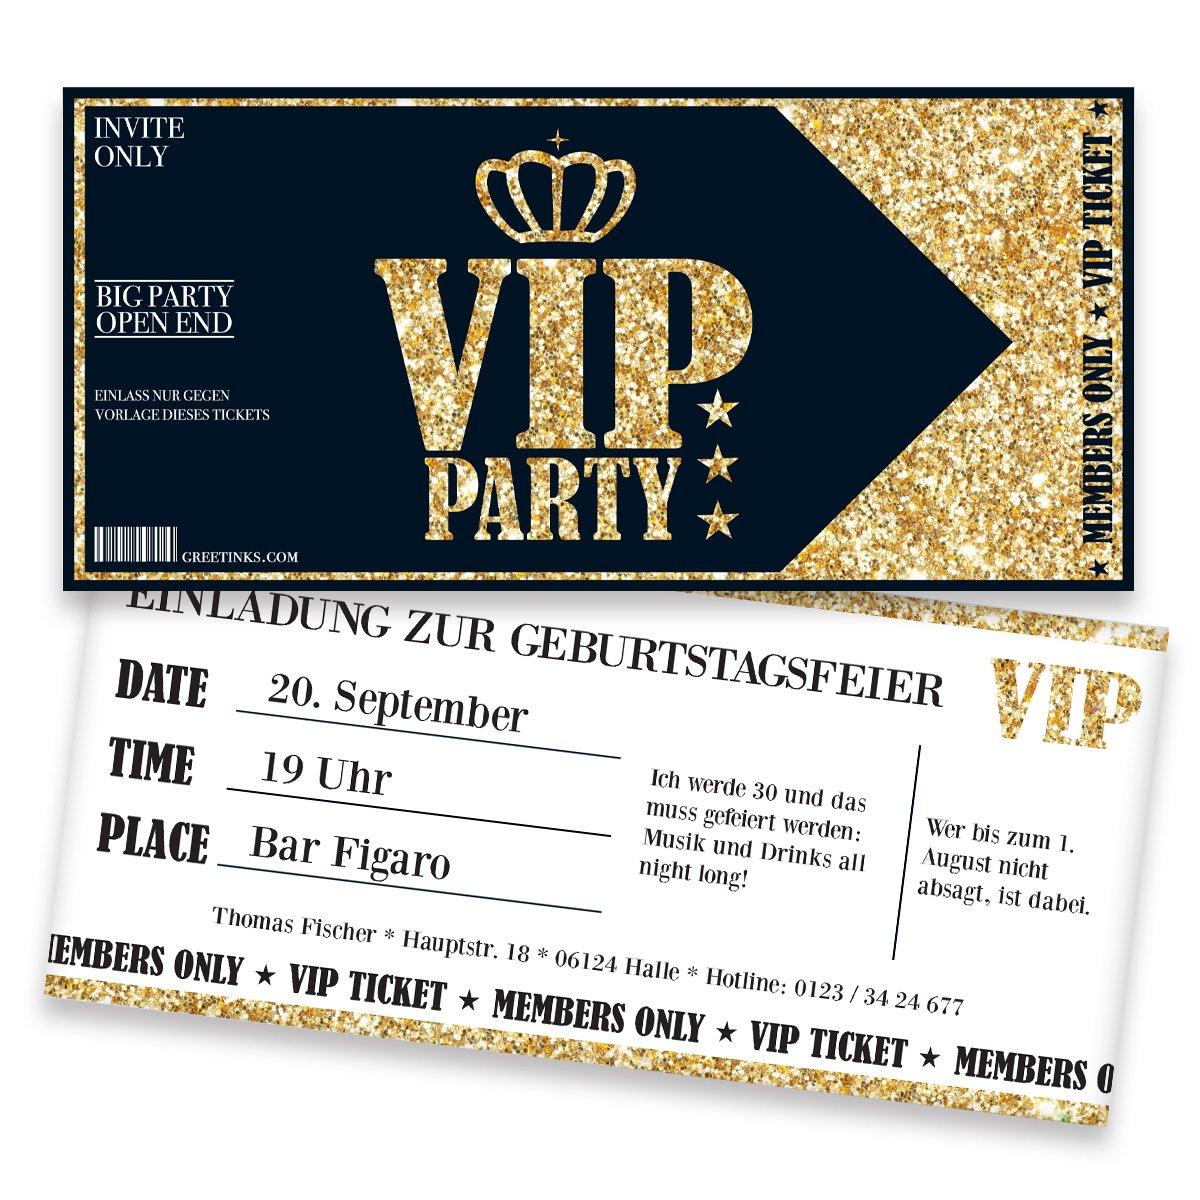 Kindergeburtstag Karte Einladung Individuelle Einladungen Druck Ihrer Texte 40 St/ück Einladungskarte Jungen M/ädchen Jugendweihe Inkl Einladungskarten zum Geburtstag f/ür VIP